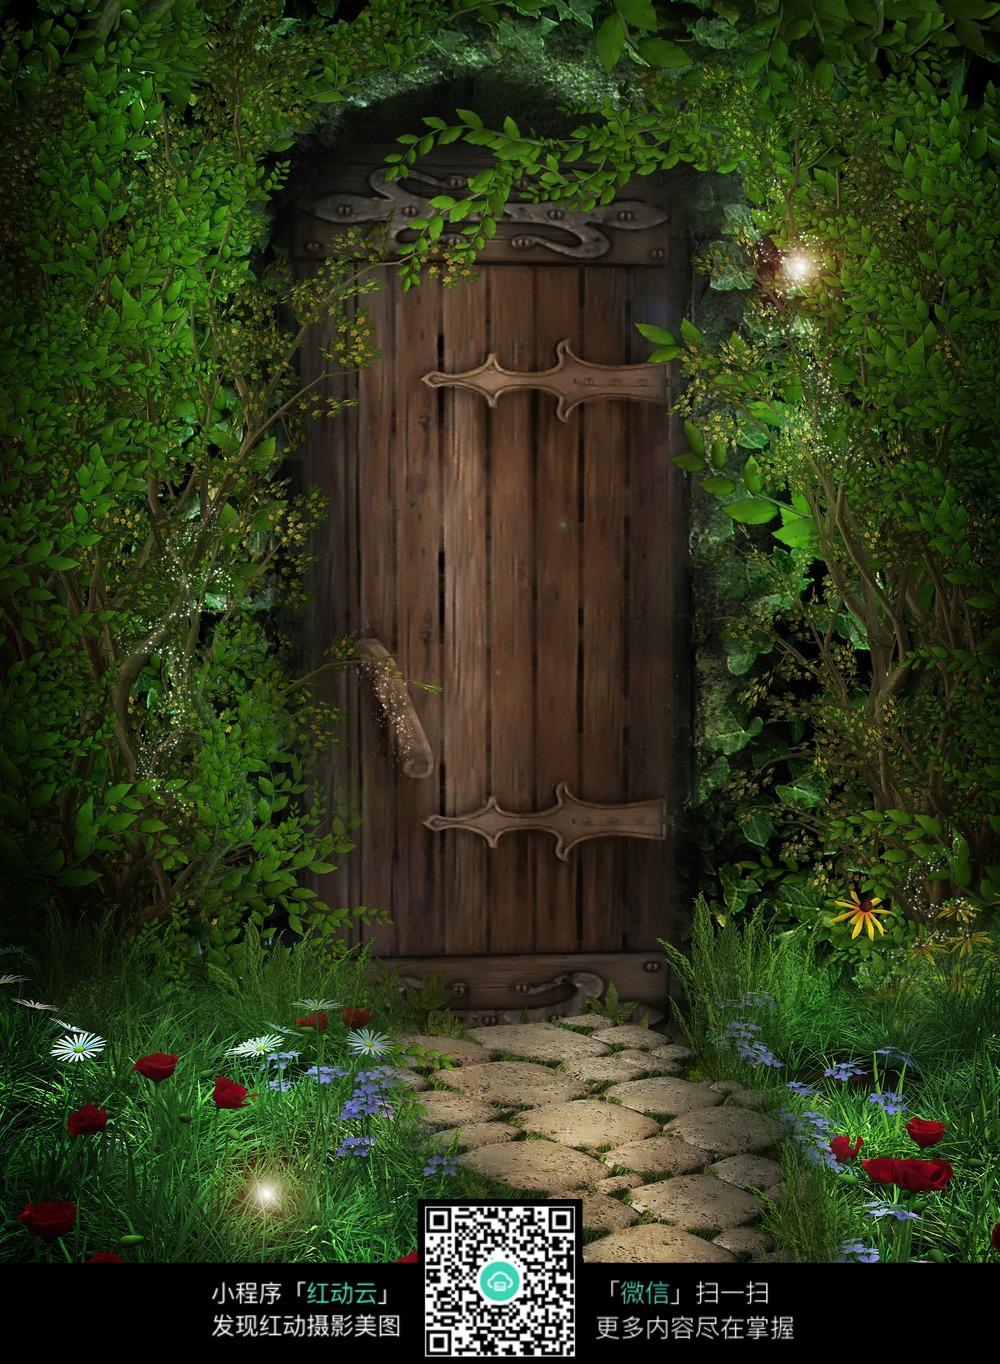 森林小木屋数码背景画图片图片